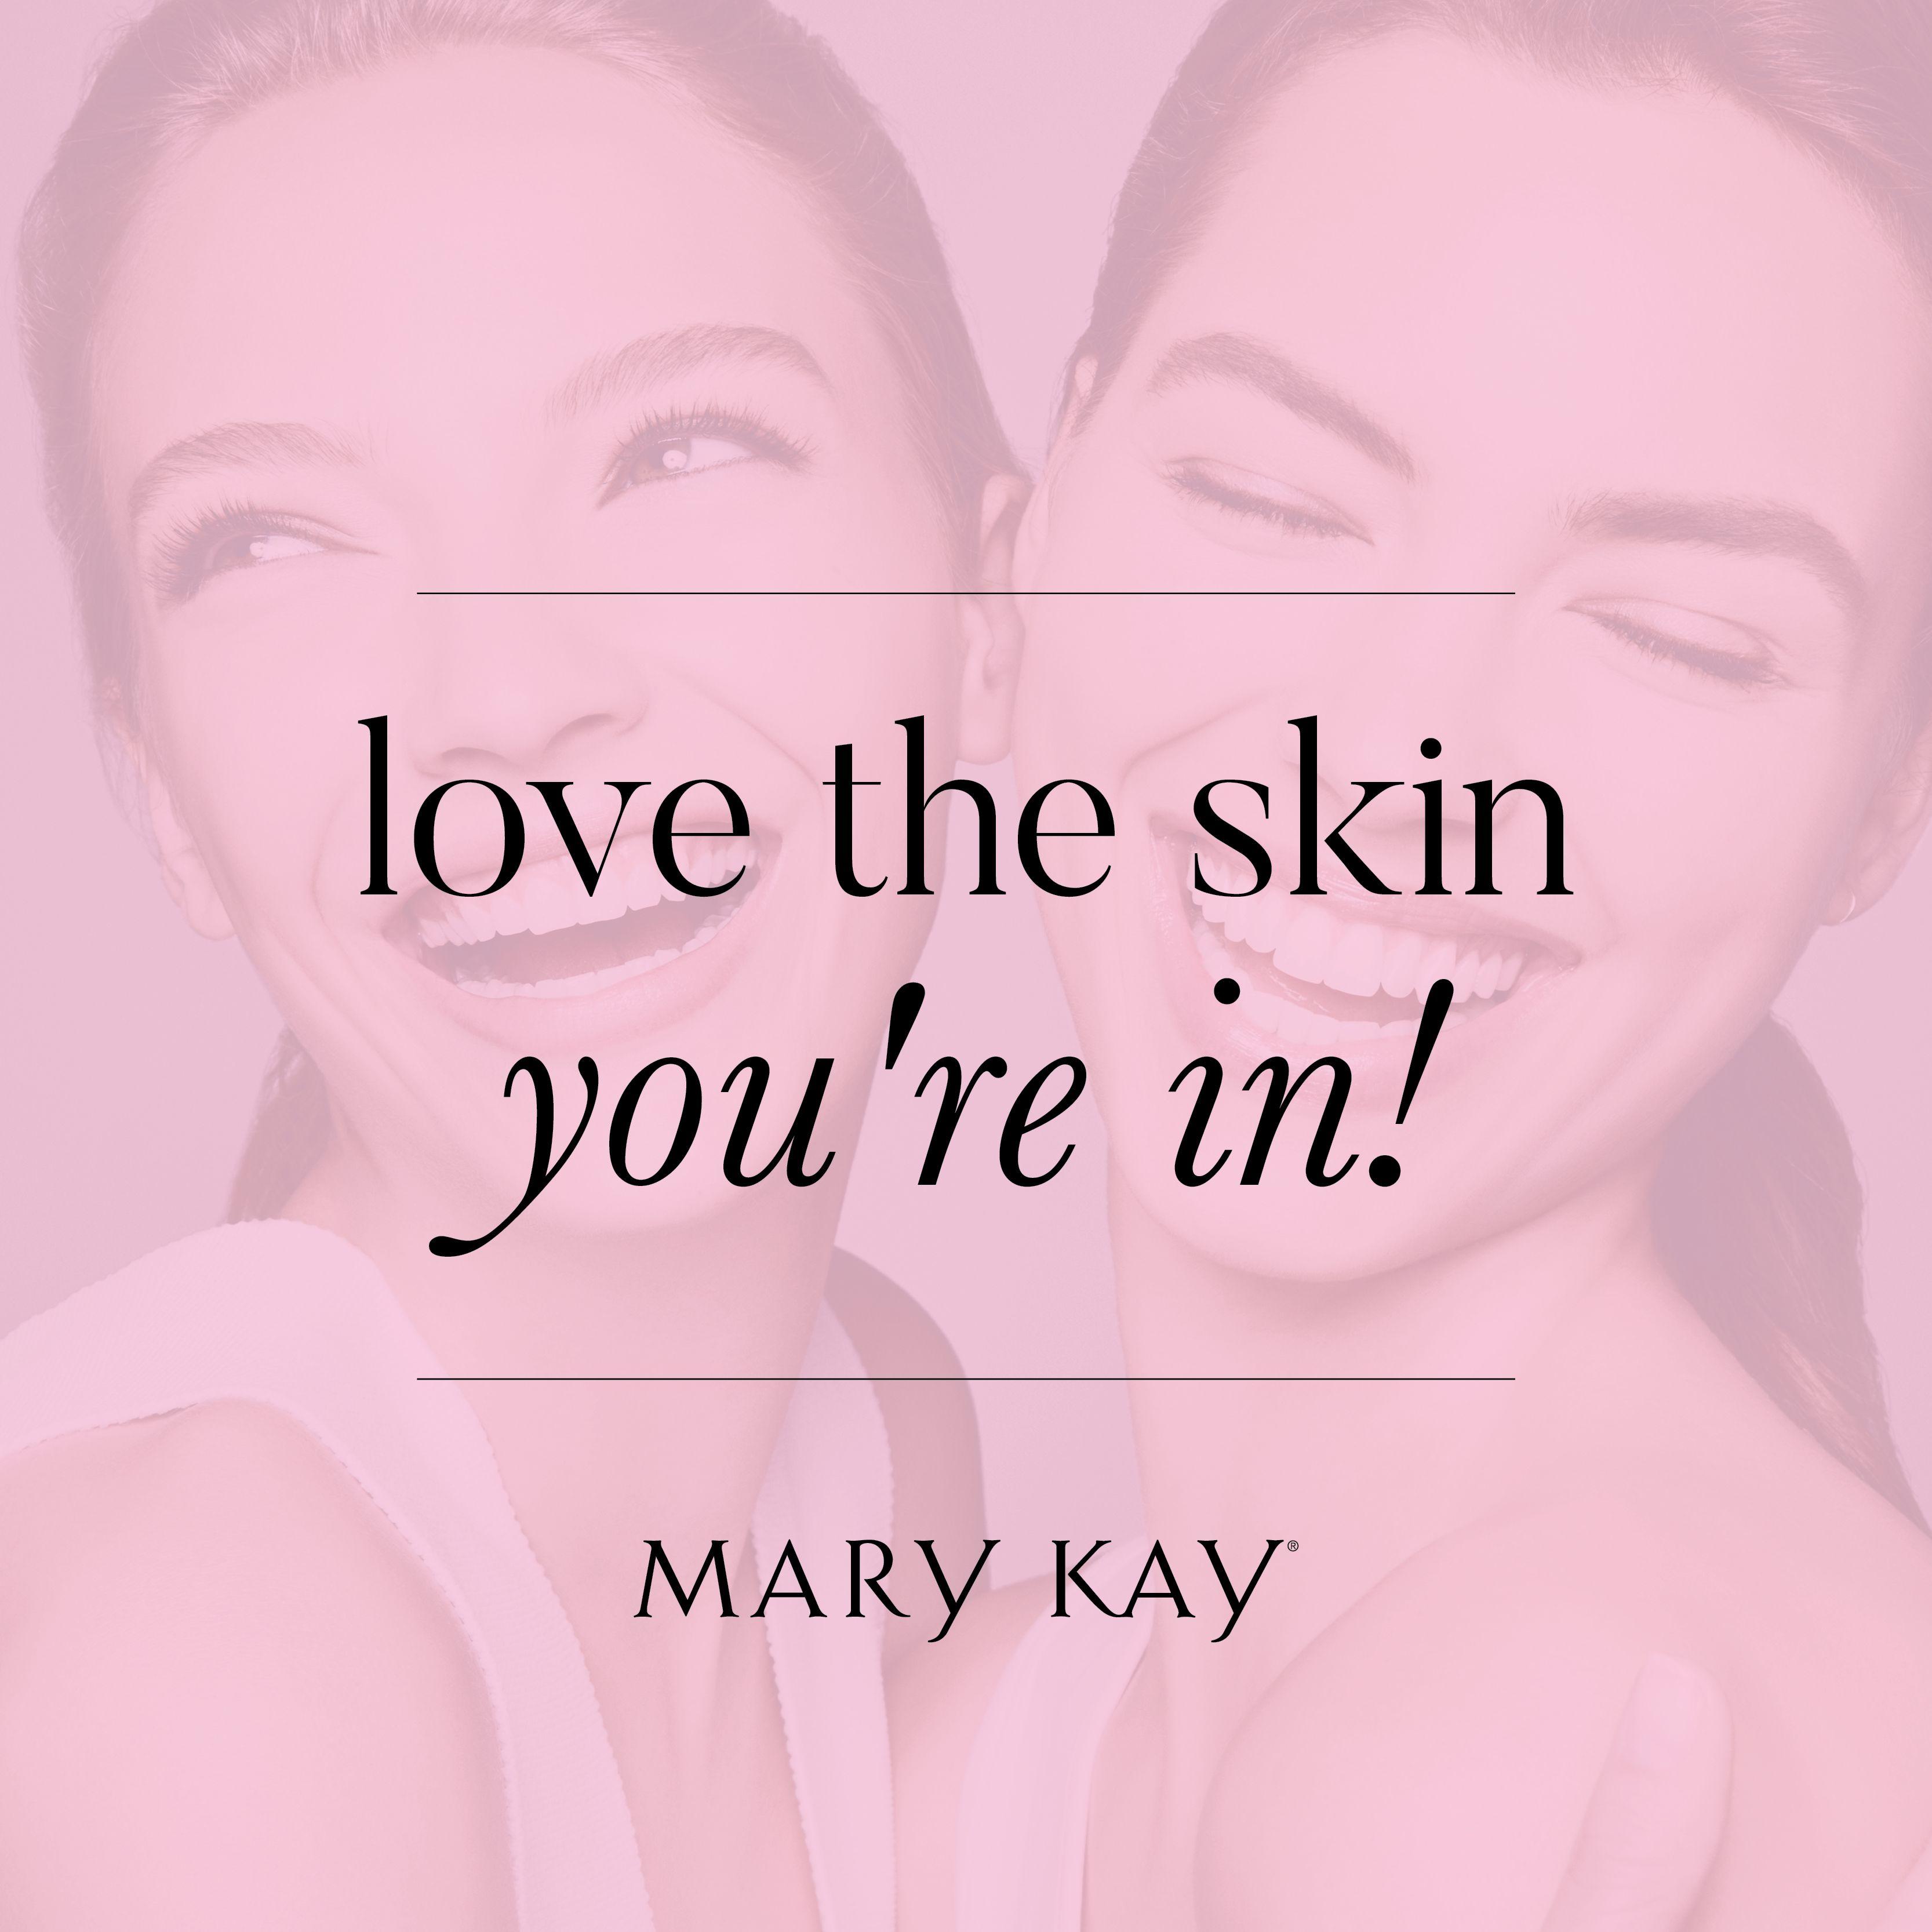 Pin By Patricia D Amico On Mary Kay Mary Kay Inspiration Mary Kay Marketing Mary Kay Quotes